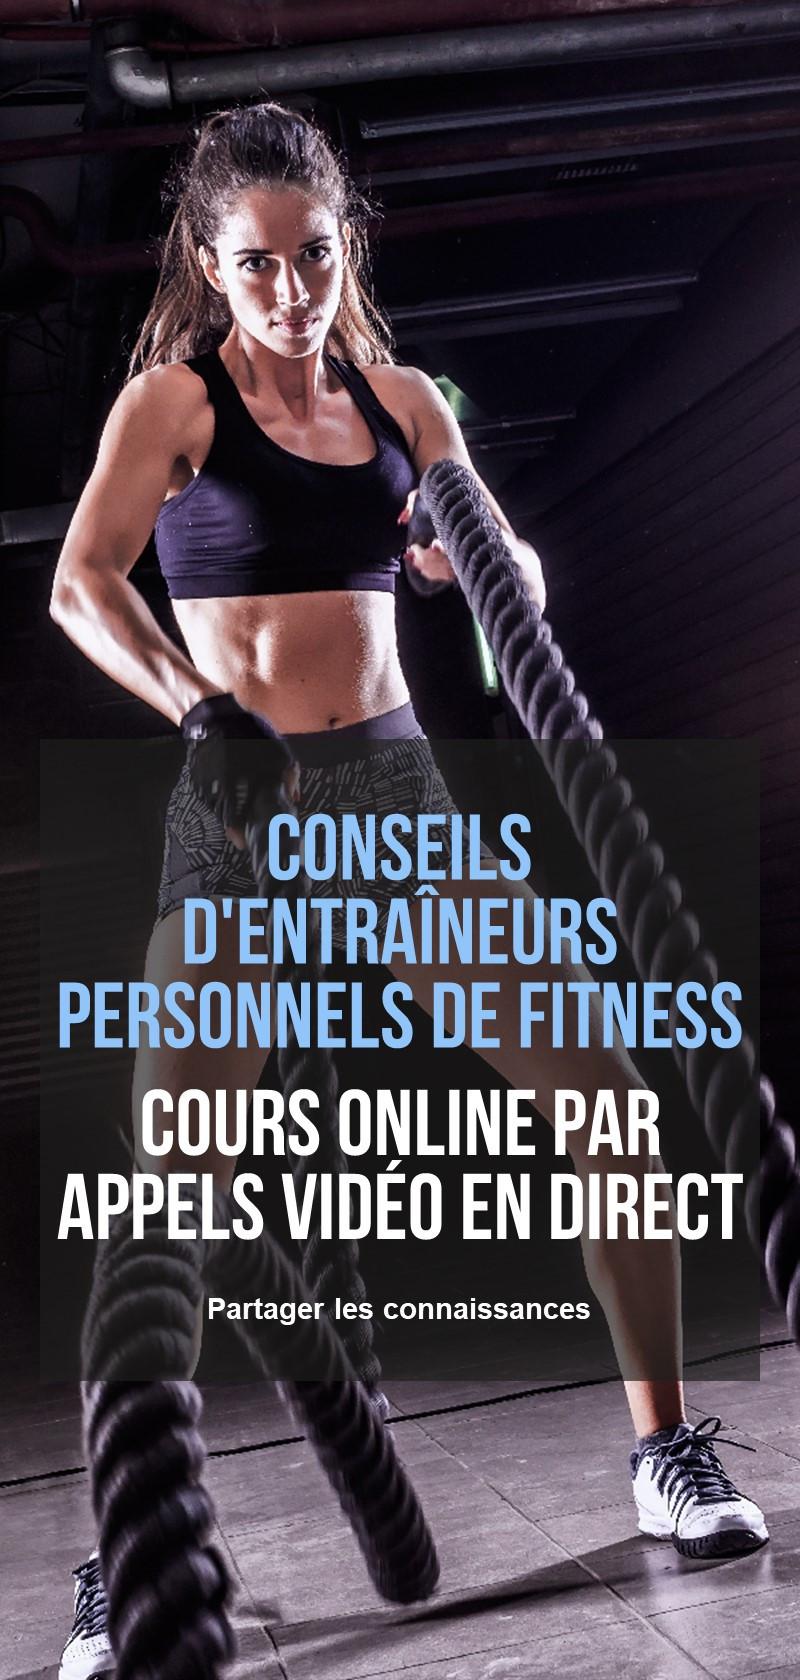 Entraîneurs personnels de fitness en ligne